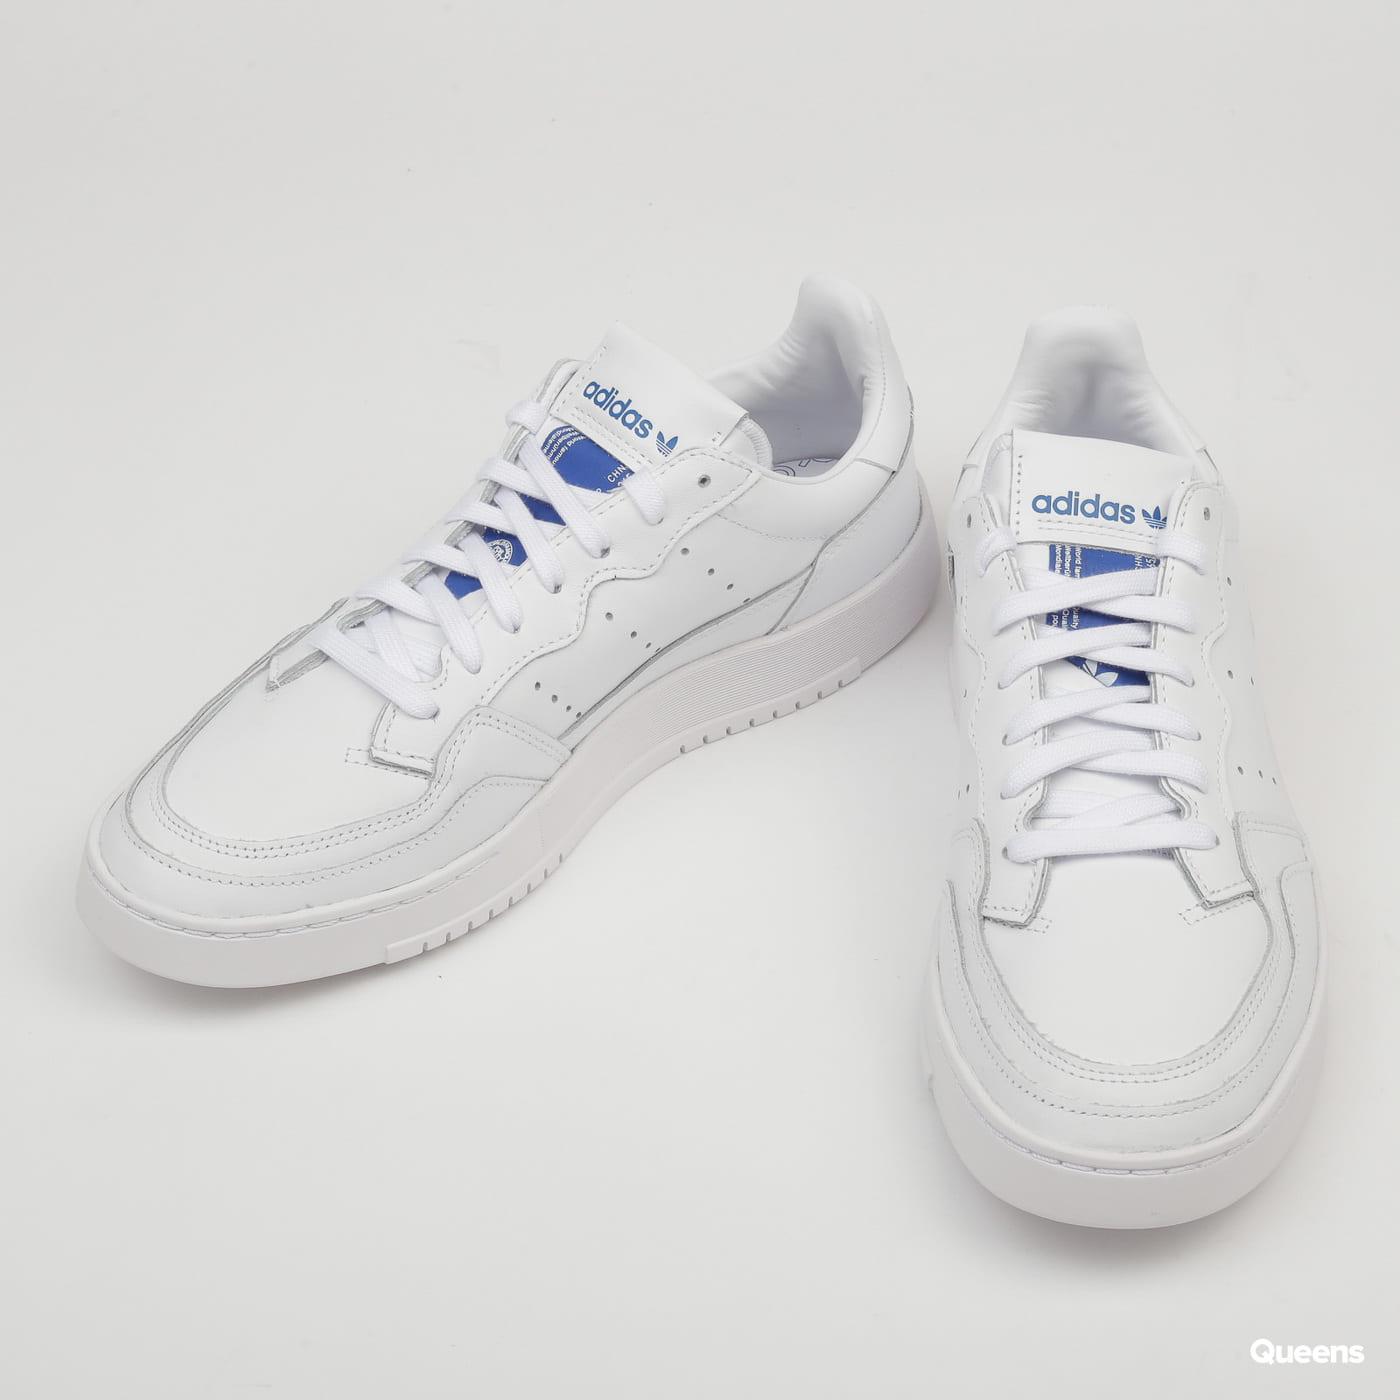 adidas Originals Supercourt ftwwht / ftwwht / blubir